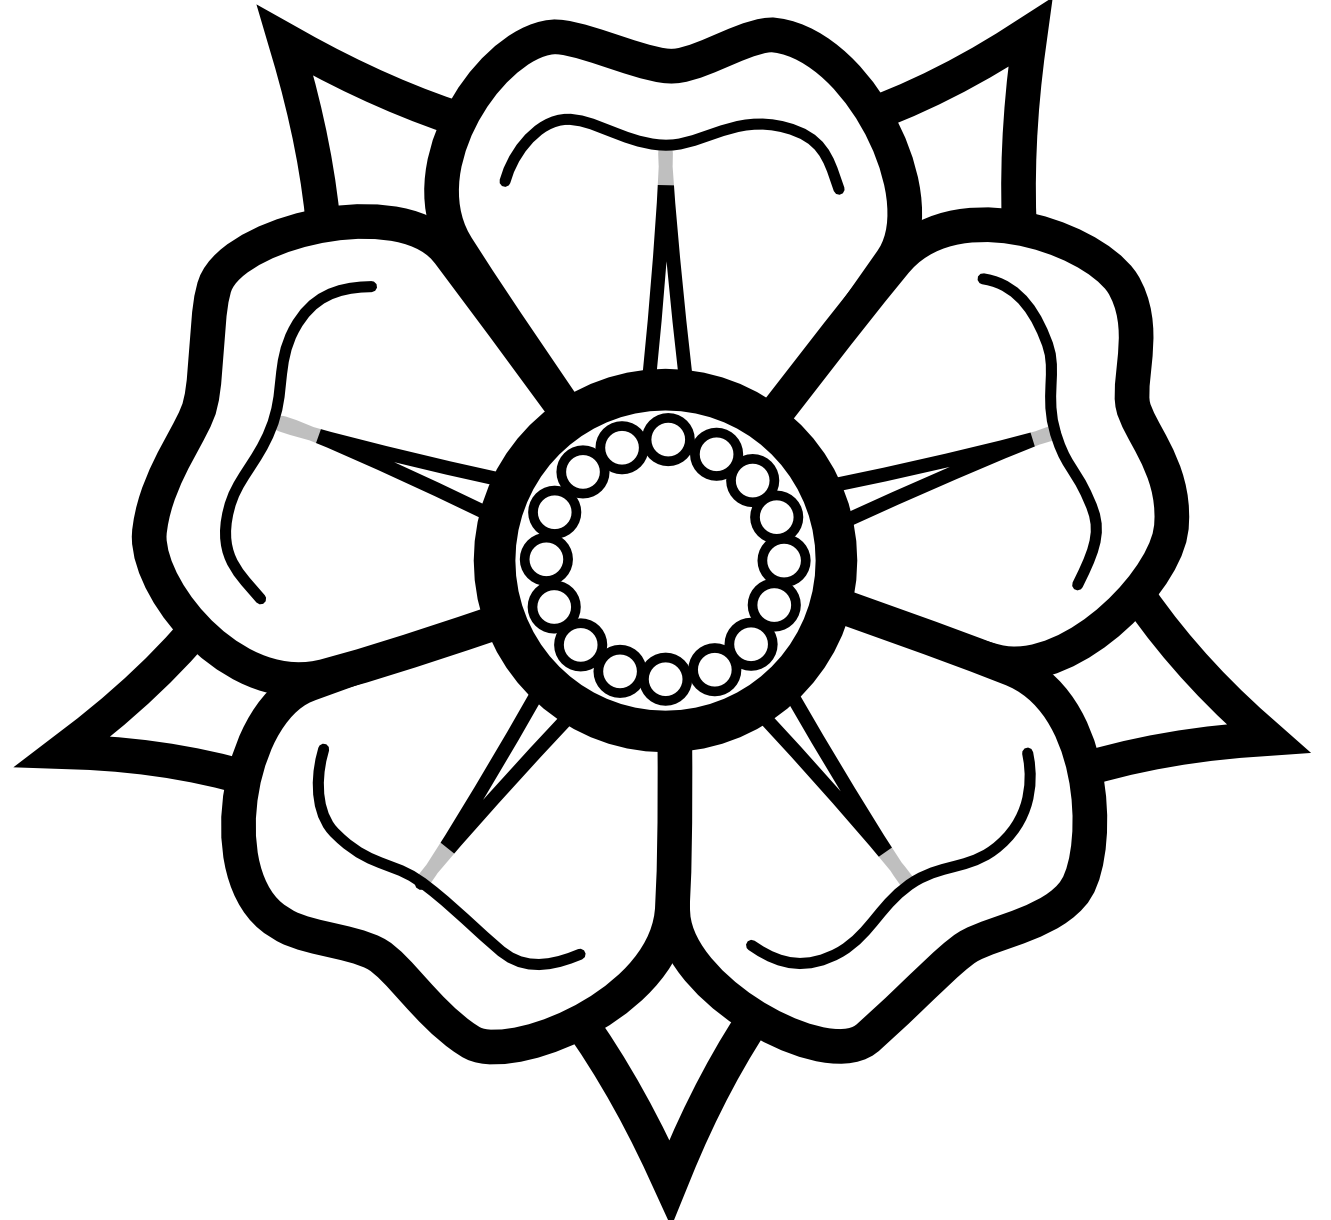 Black And White Line Art : Heraldisch lippische rose black white line art tattoo